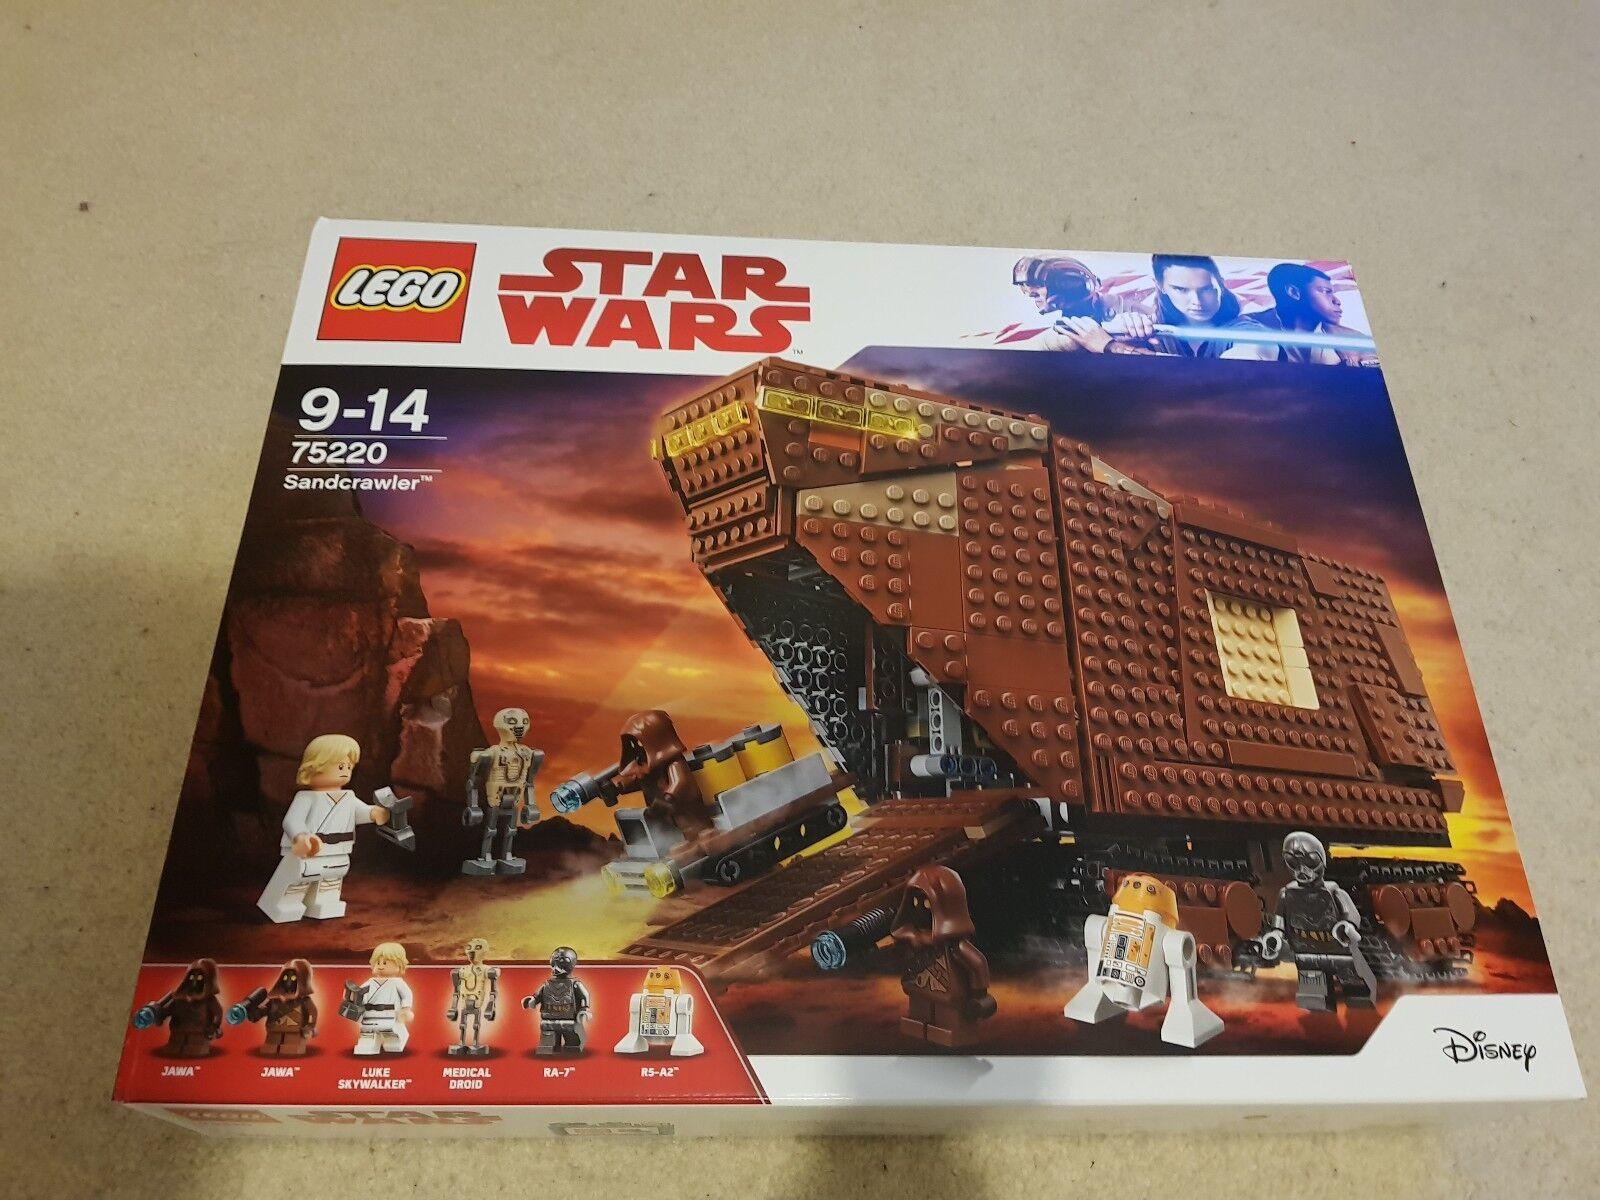 Lego Star Wars Sandcrawler (75220) (75220) (75220) a23af8